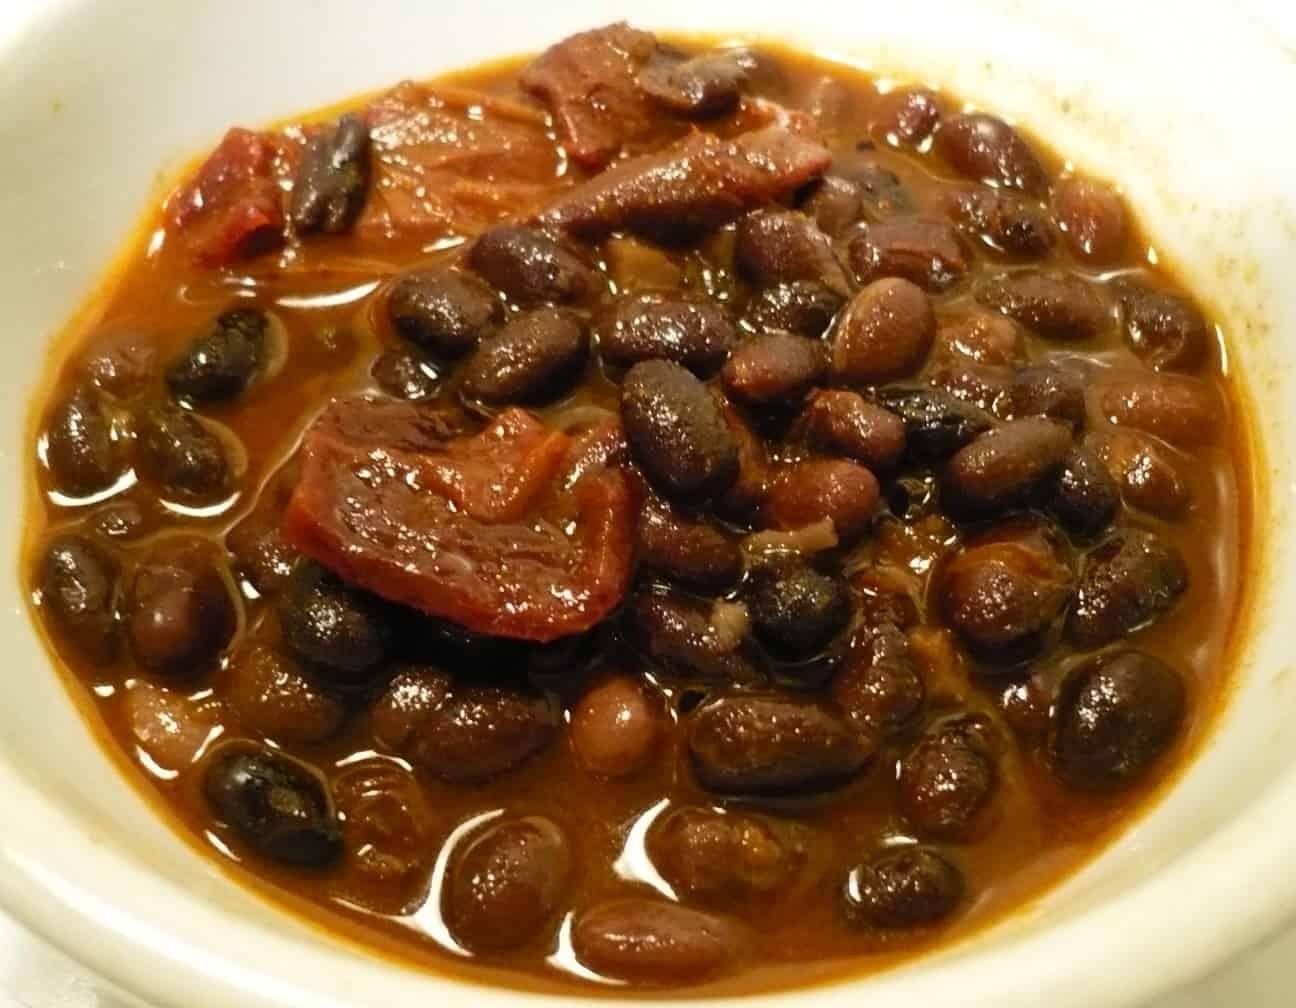 שעועית שחורה מתכון מקסיקני